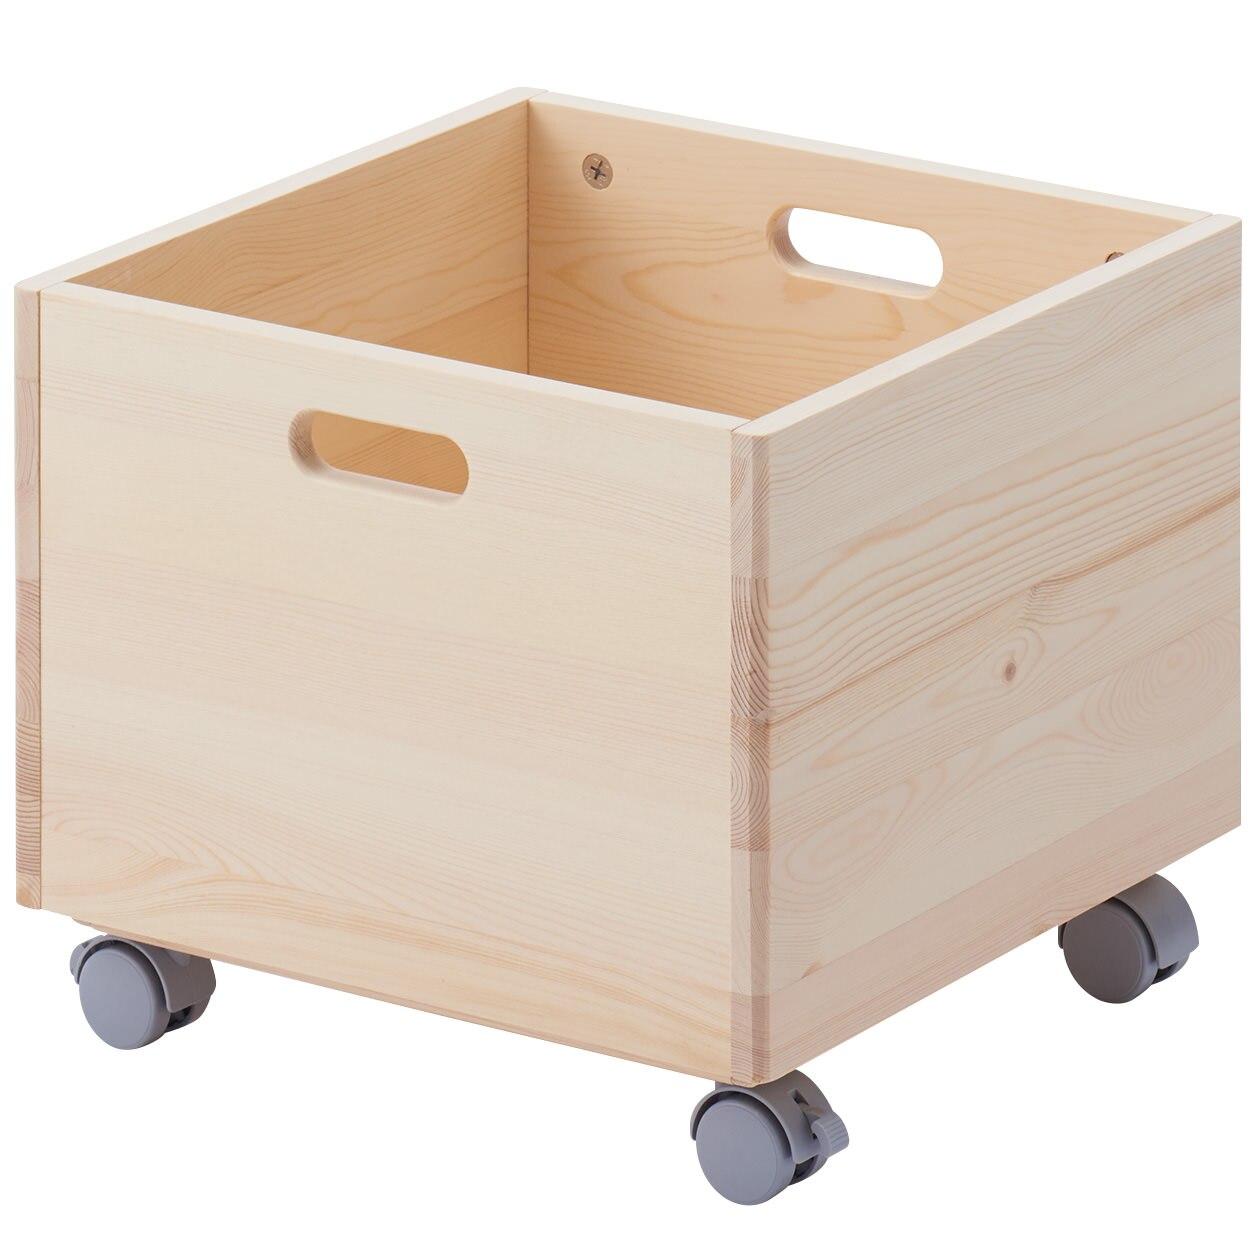 RoomClip商品情報 - パイン材収納BOX・キャスター付き